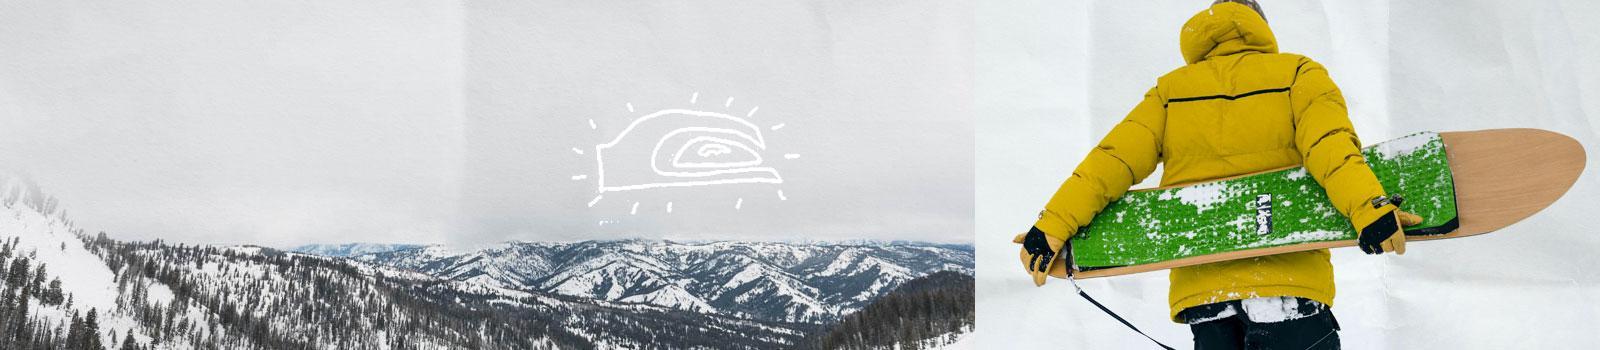 Сноуборд магазин, сноубординг для мужчин